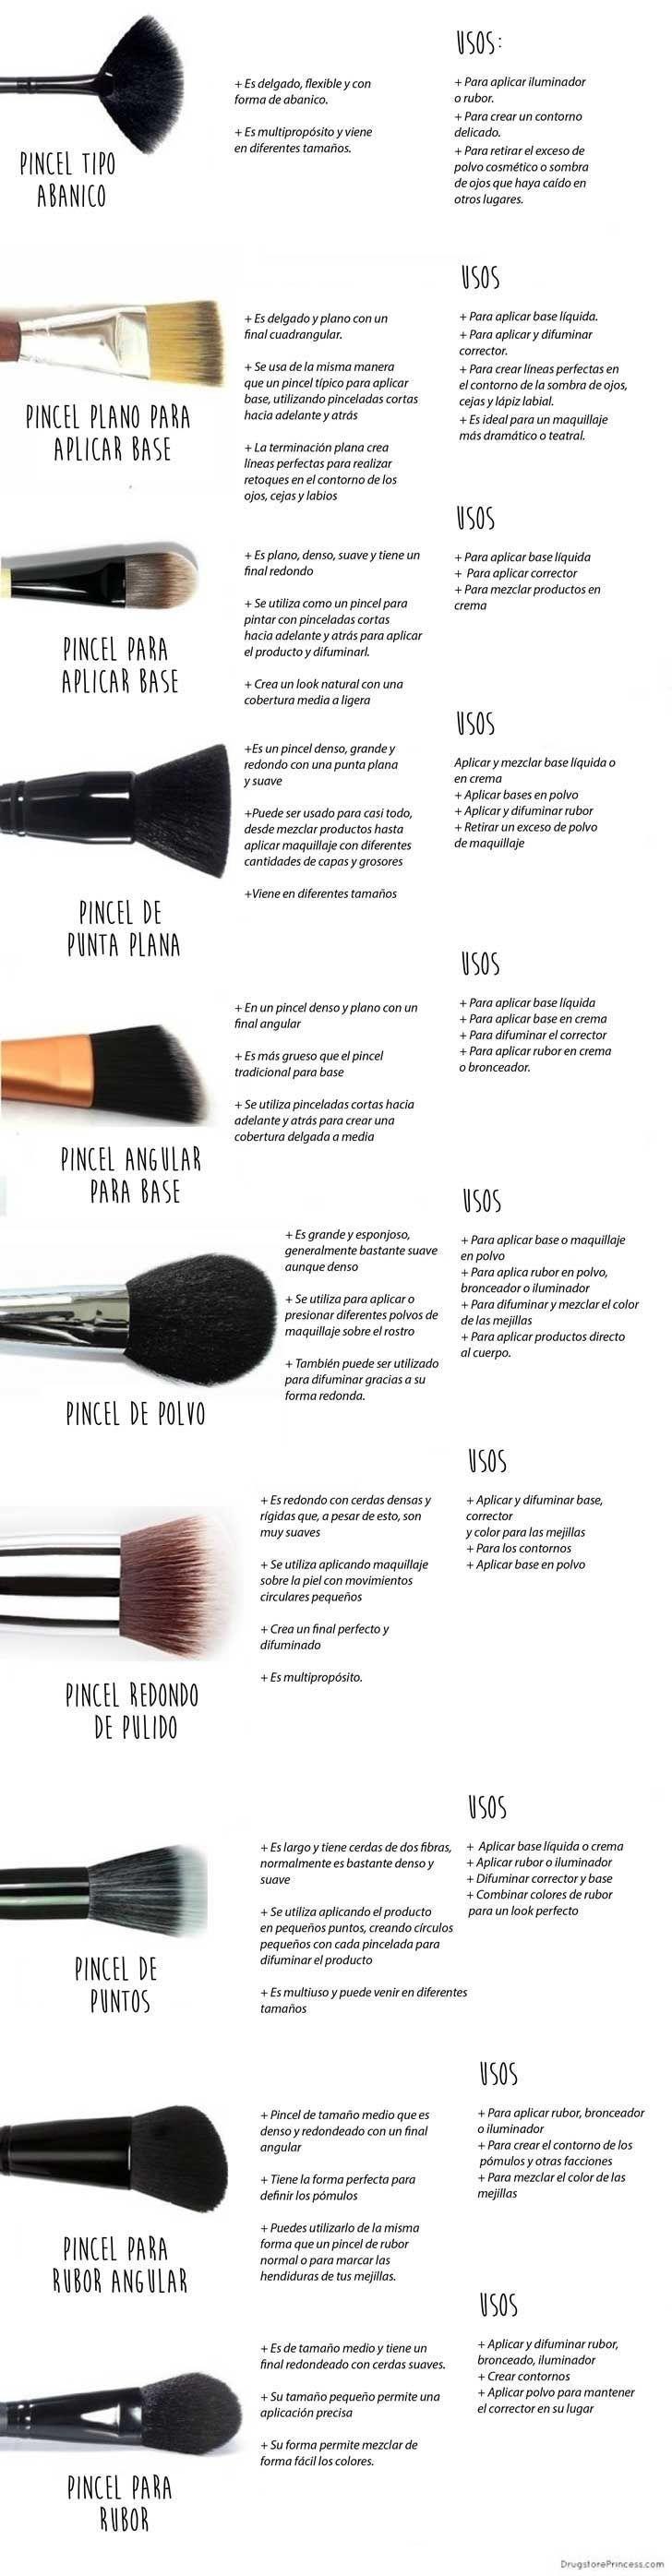 Descripción y Uso de los pinceles de maquillaje ** En español **